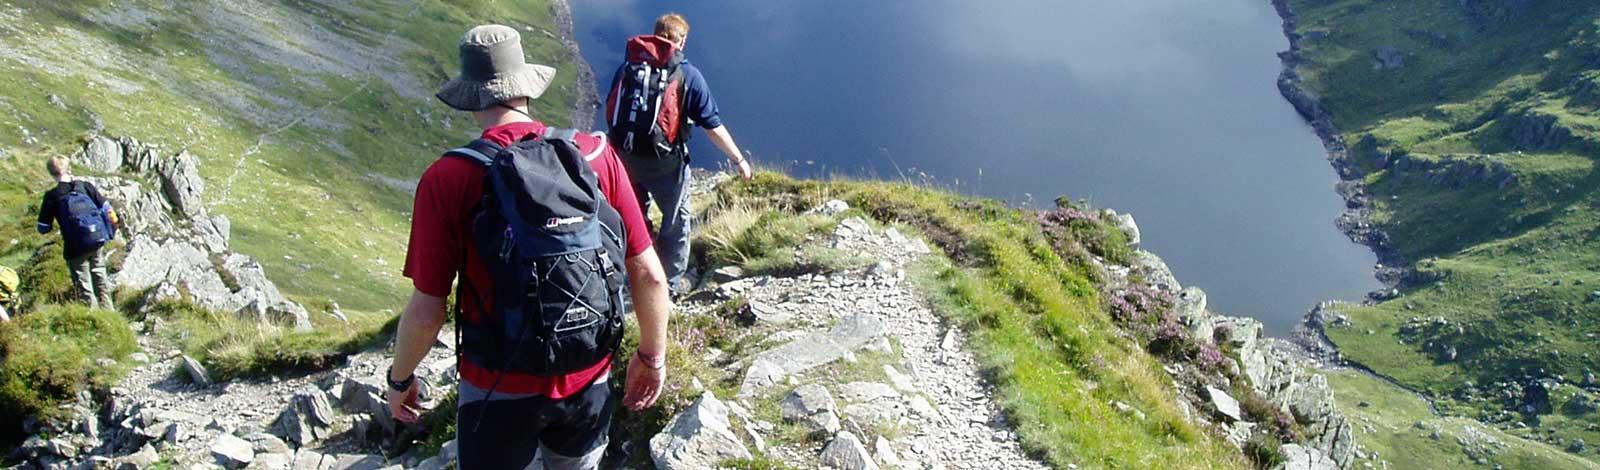 Snowdonia walking weekends